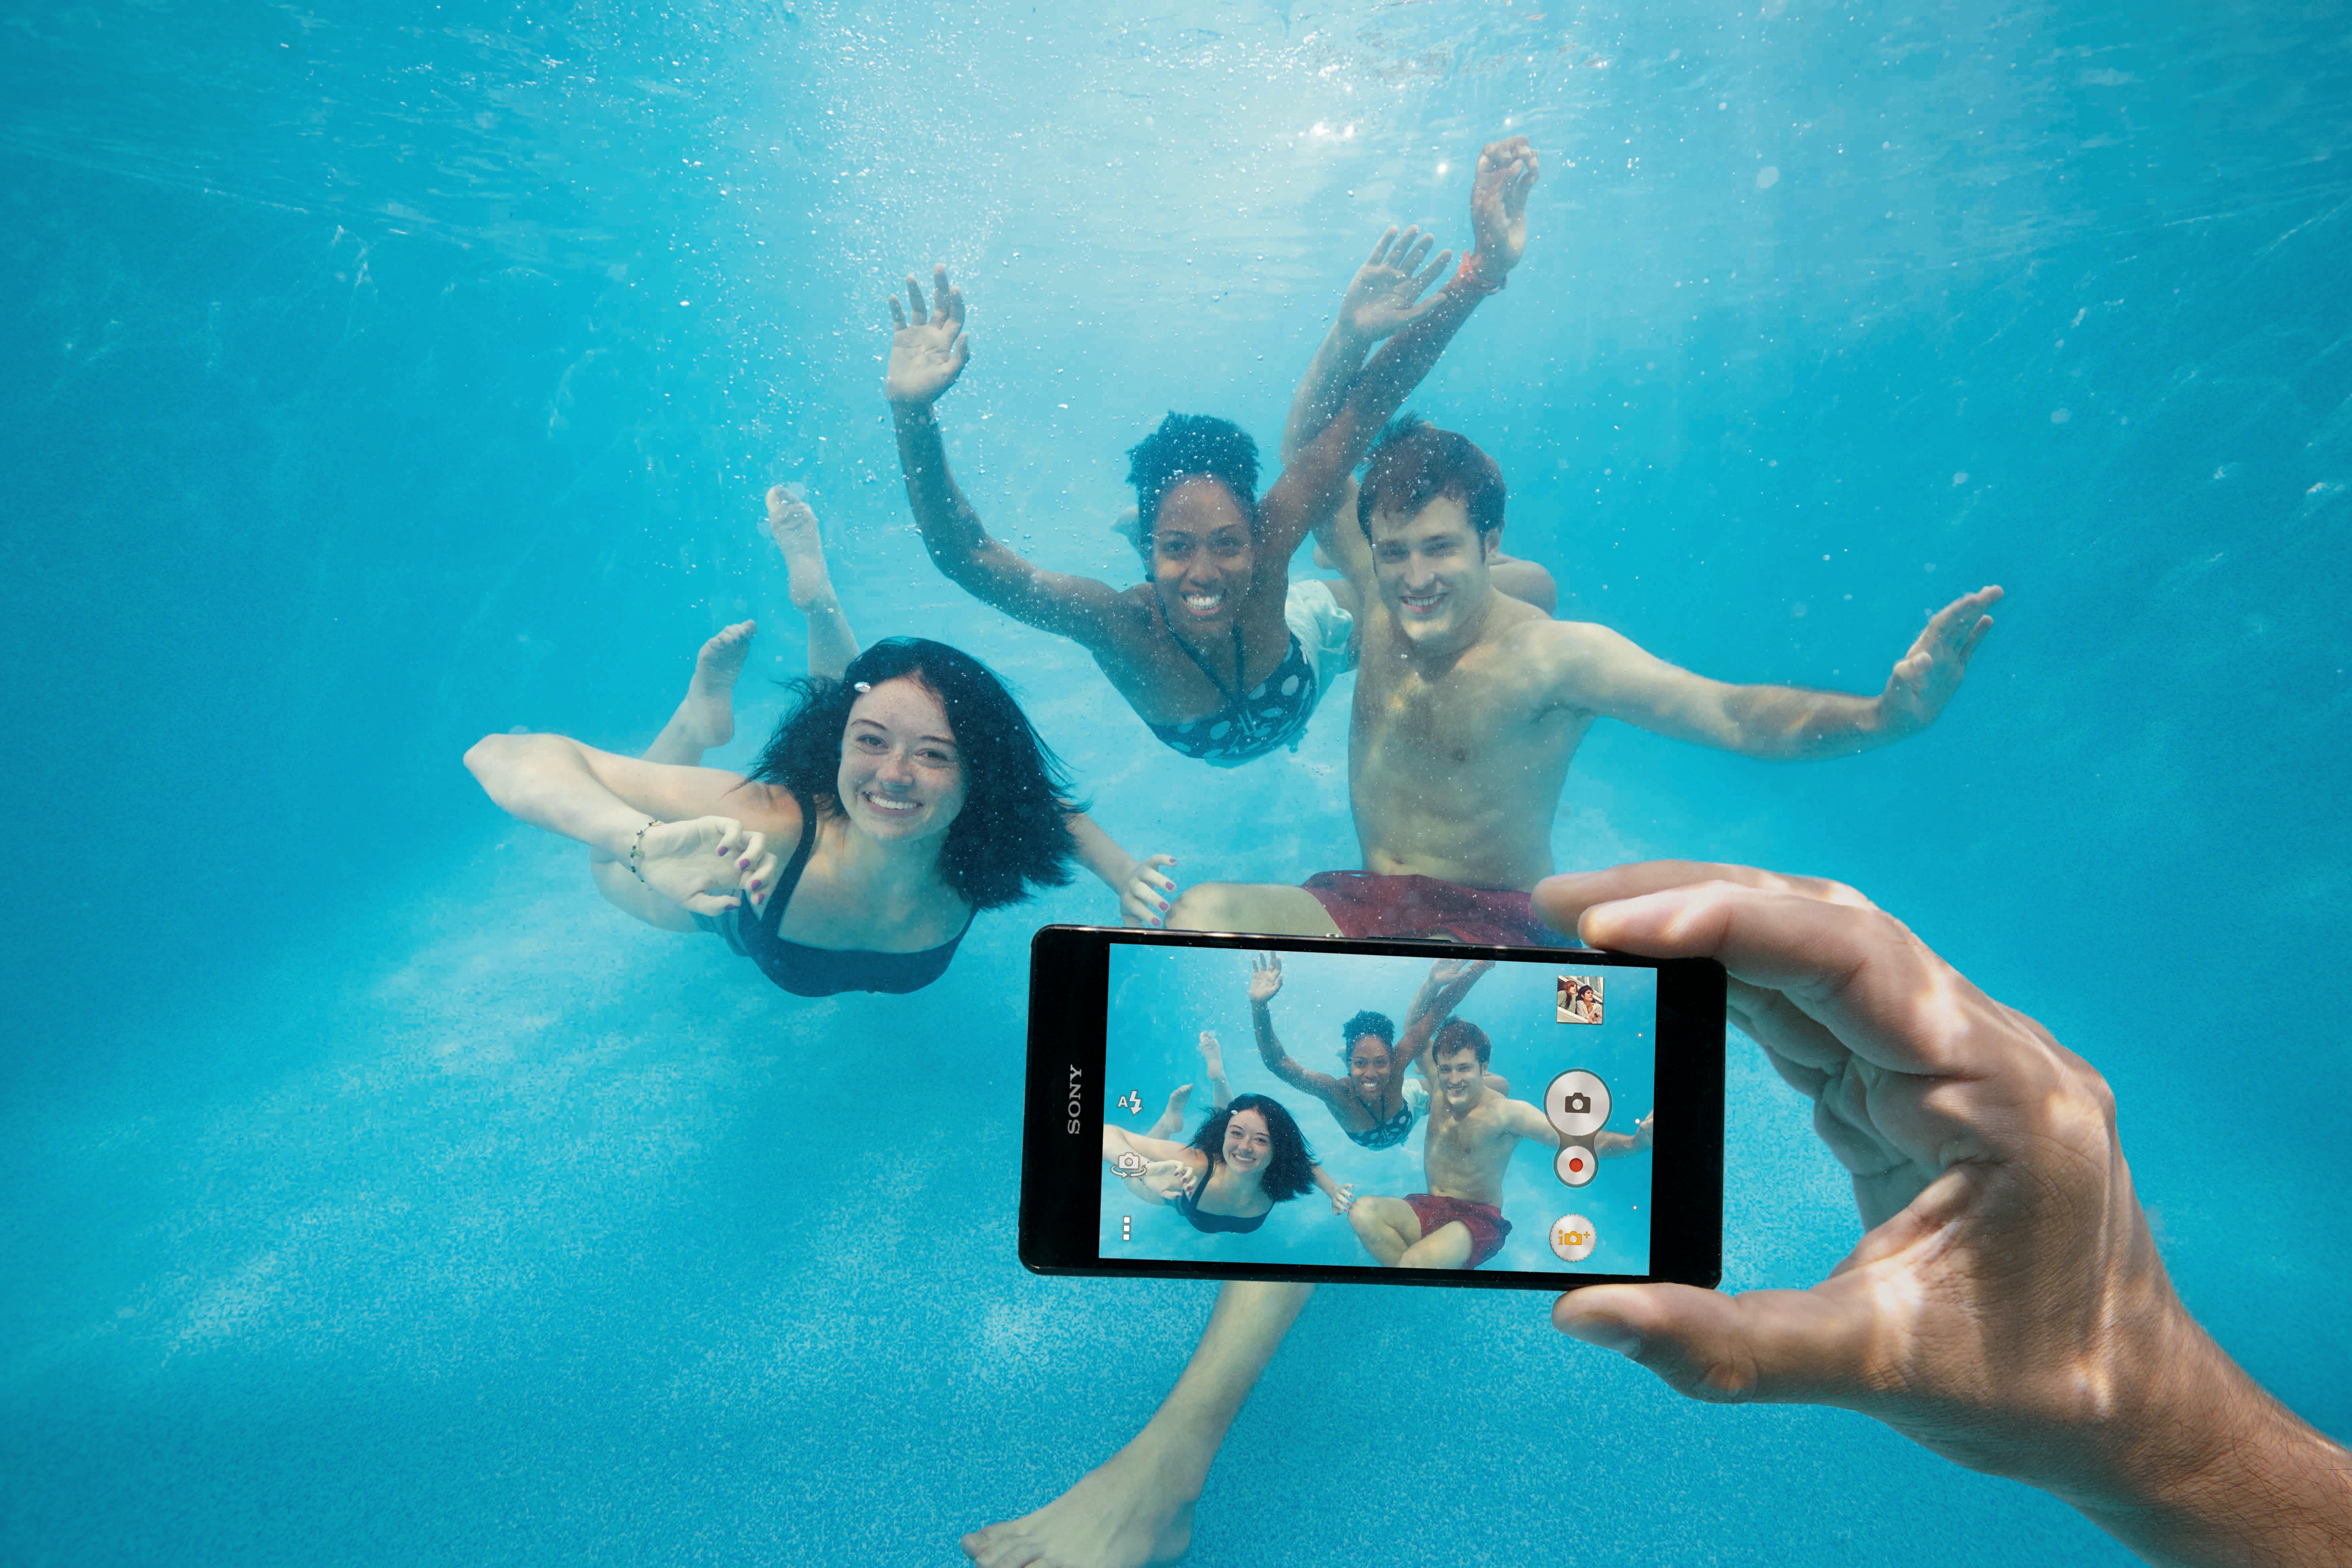 смартфон который фотографирует под водой нем